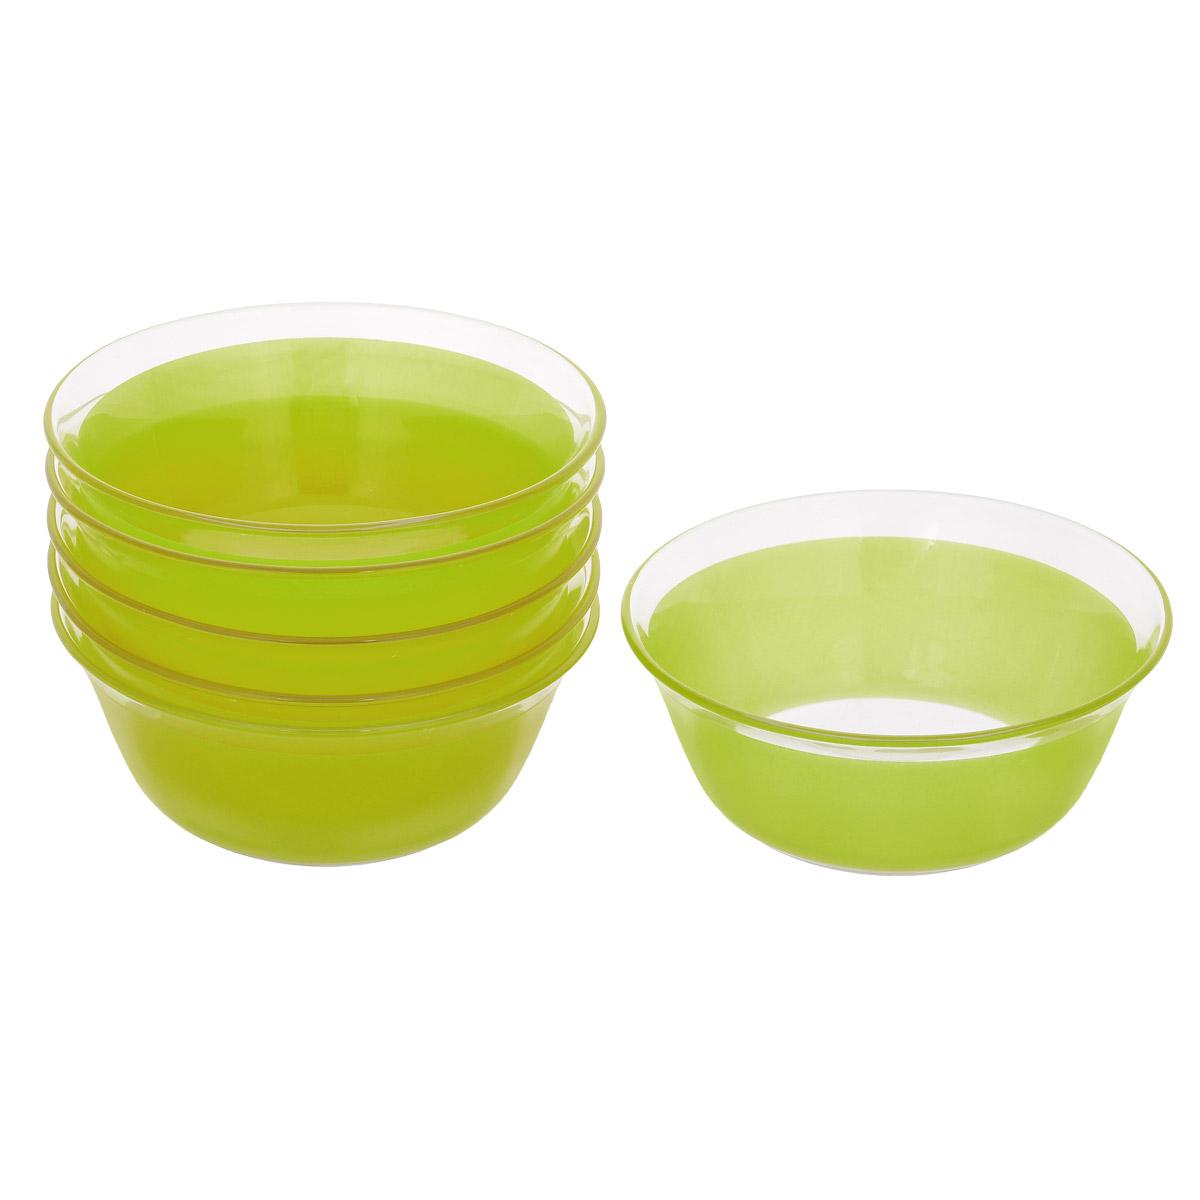 Набор салатников, цвет: зеленый, диаметр 12 см, 6 шт. Кт FW50FW50-T0940-1Набор салатников, выполненный из стекла, будет уместен на любой кухне и понравится каждой хозяйке. В набор входят шесть салатников, украшенных цветной полосой. Они сочетают в себе изысканный дизайн с максимальной функциональностью. Такой набор салатников придется по вкусу и ценителям классики, и тем, кто предпочитает утонченность и изящность.